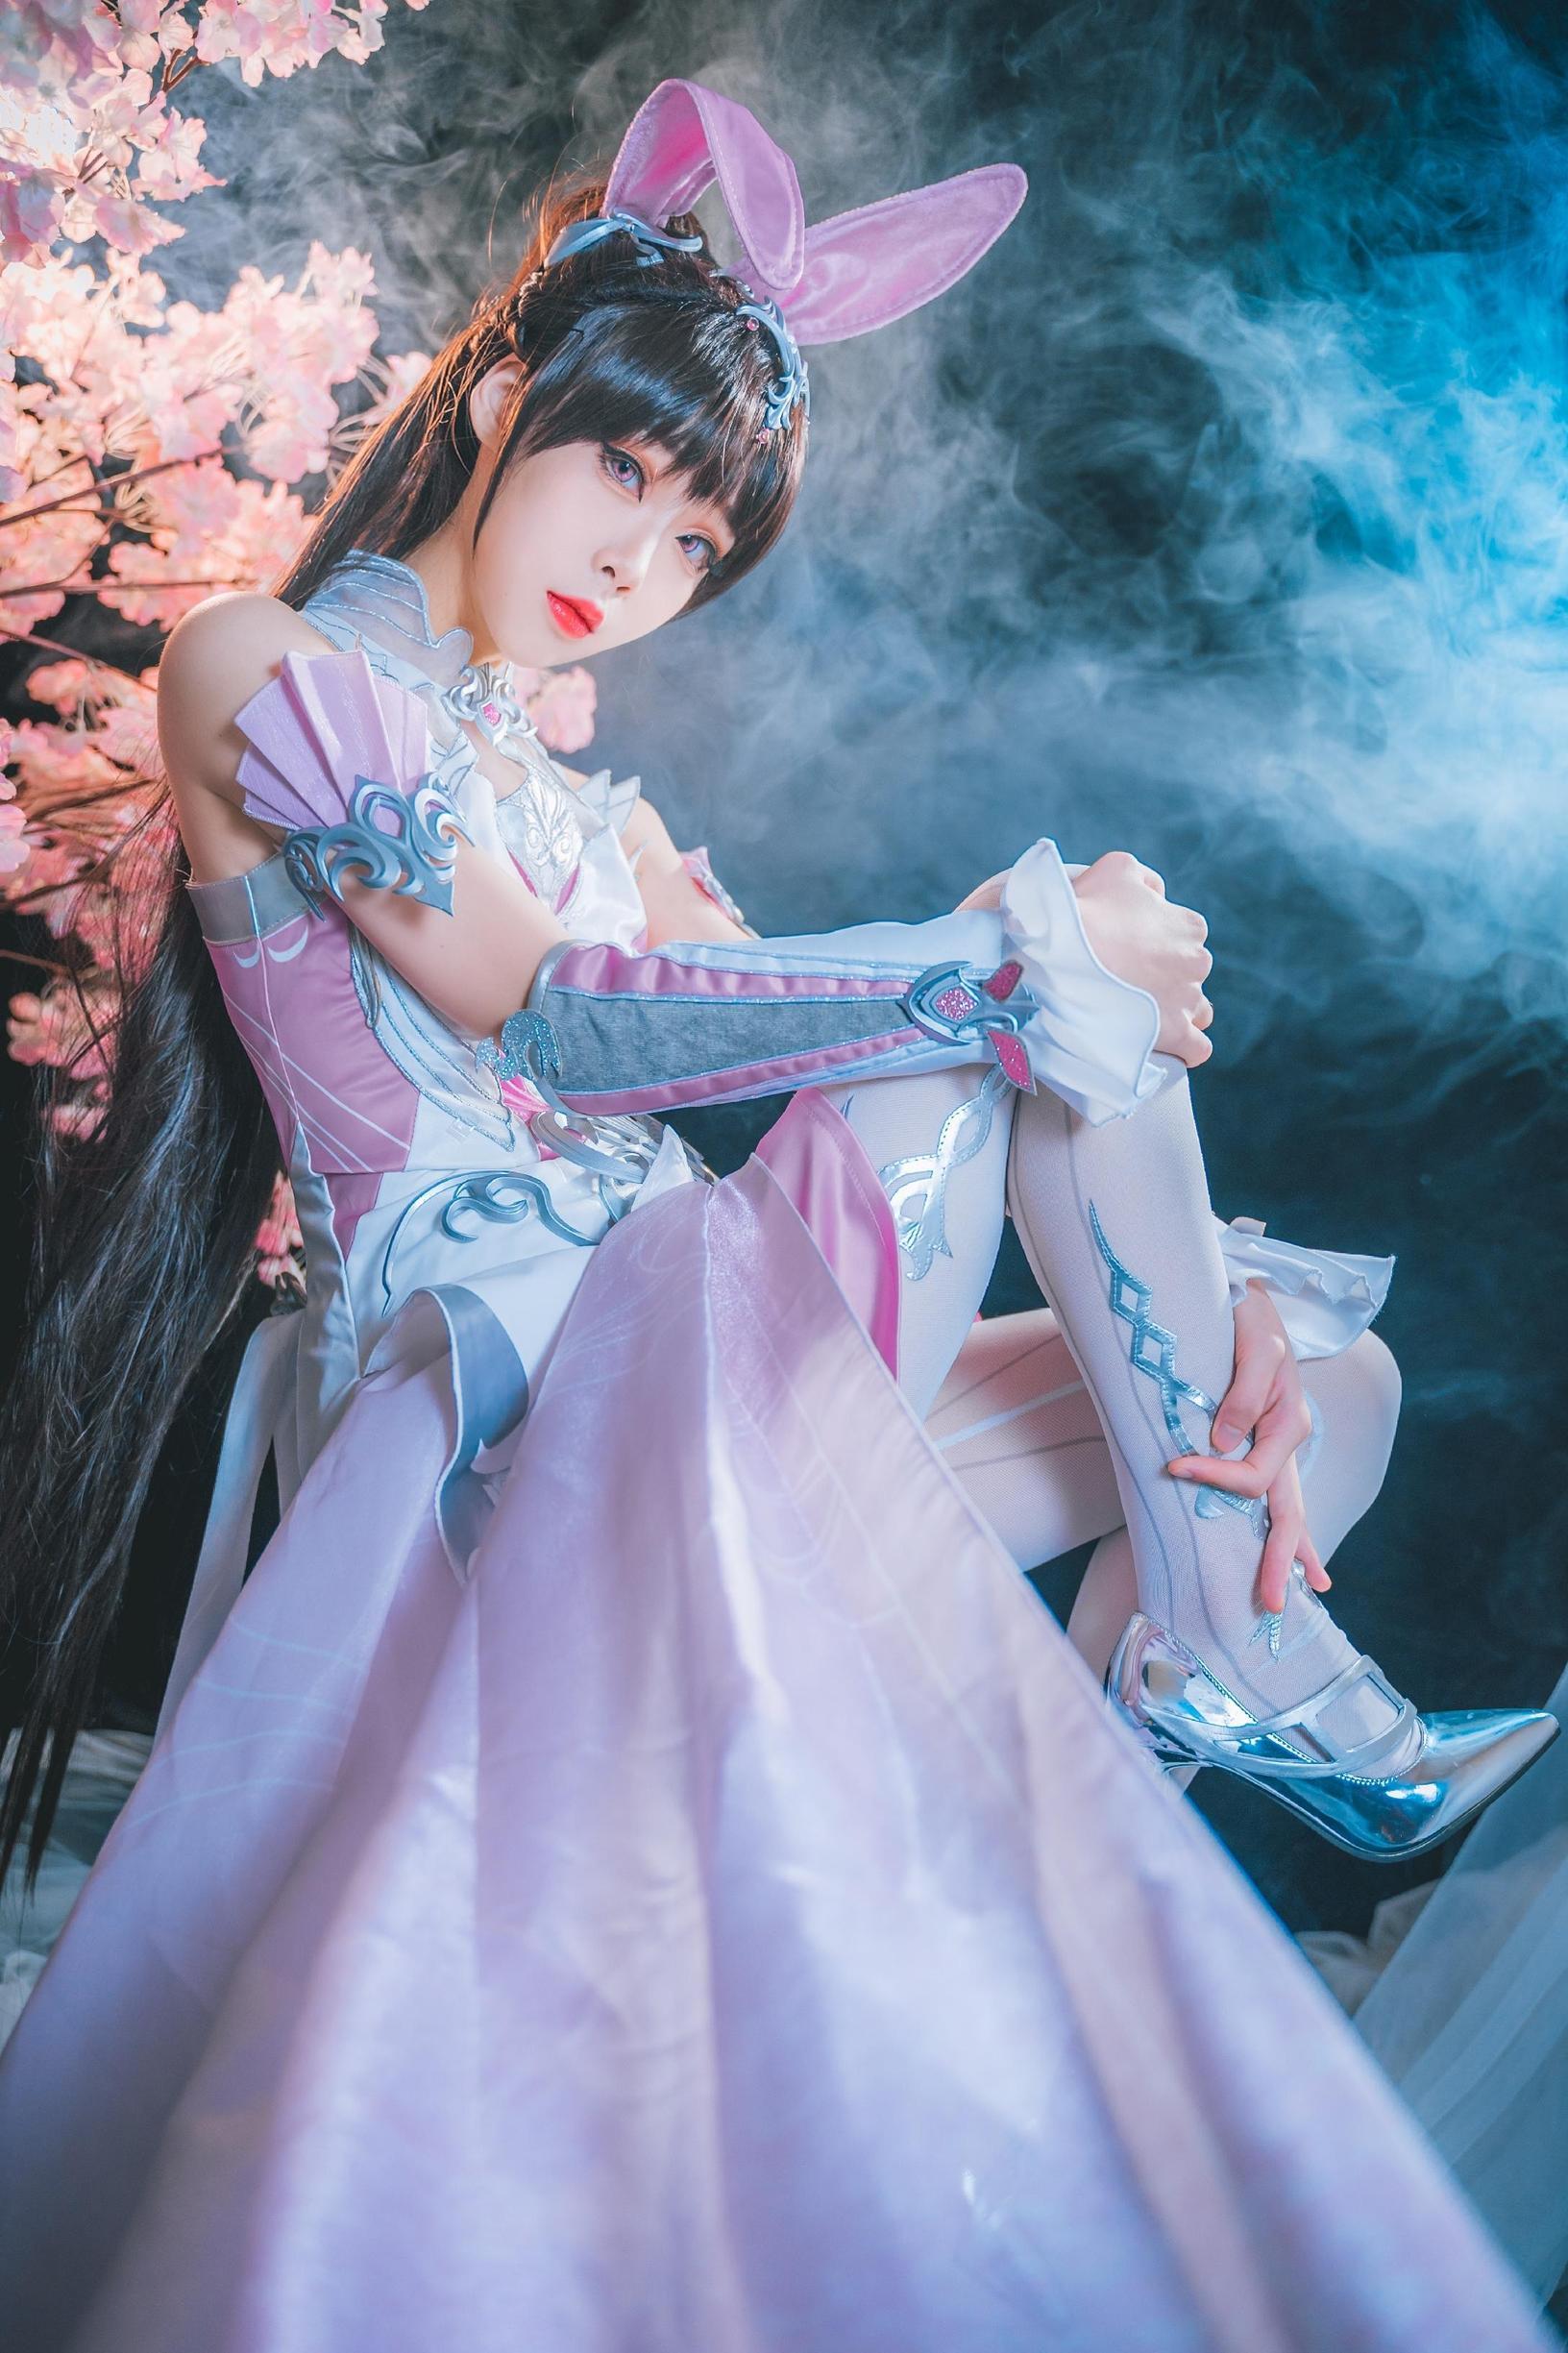 《斗罗大陆》斗罗大陆小舞cosplay【CN:南歌mikann】-第4张